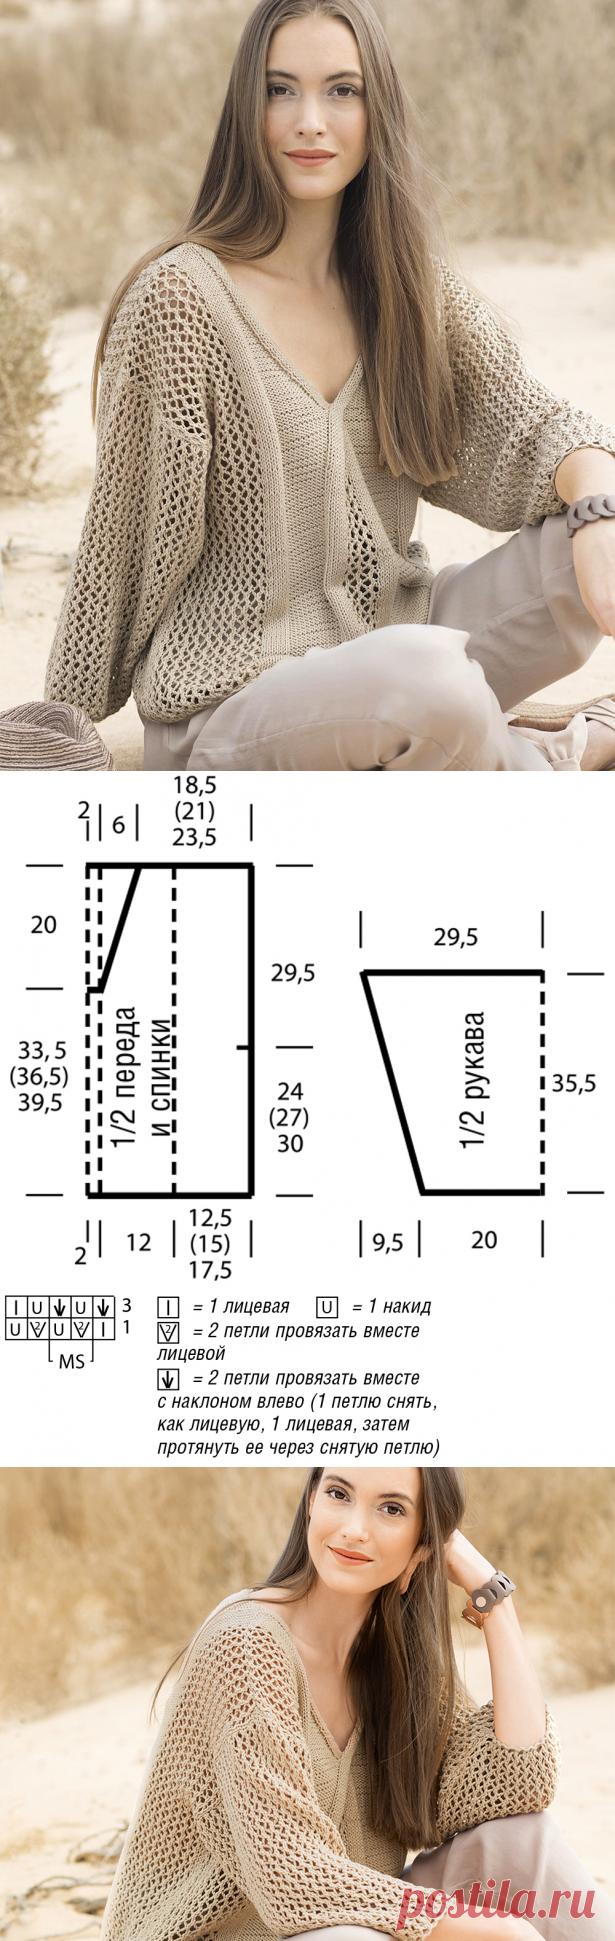 Бежевый пуловер с ажурным узором - схема вязания спицами. Вяжем Пуловеры на Verena.ru